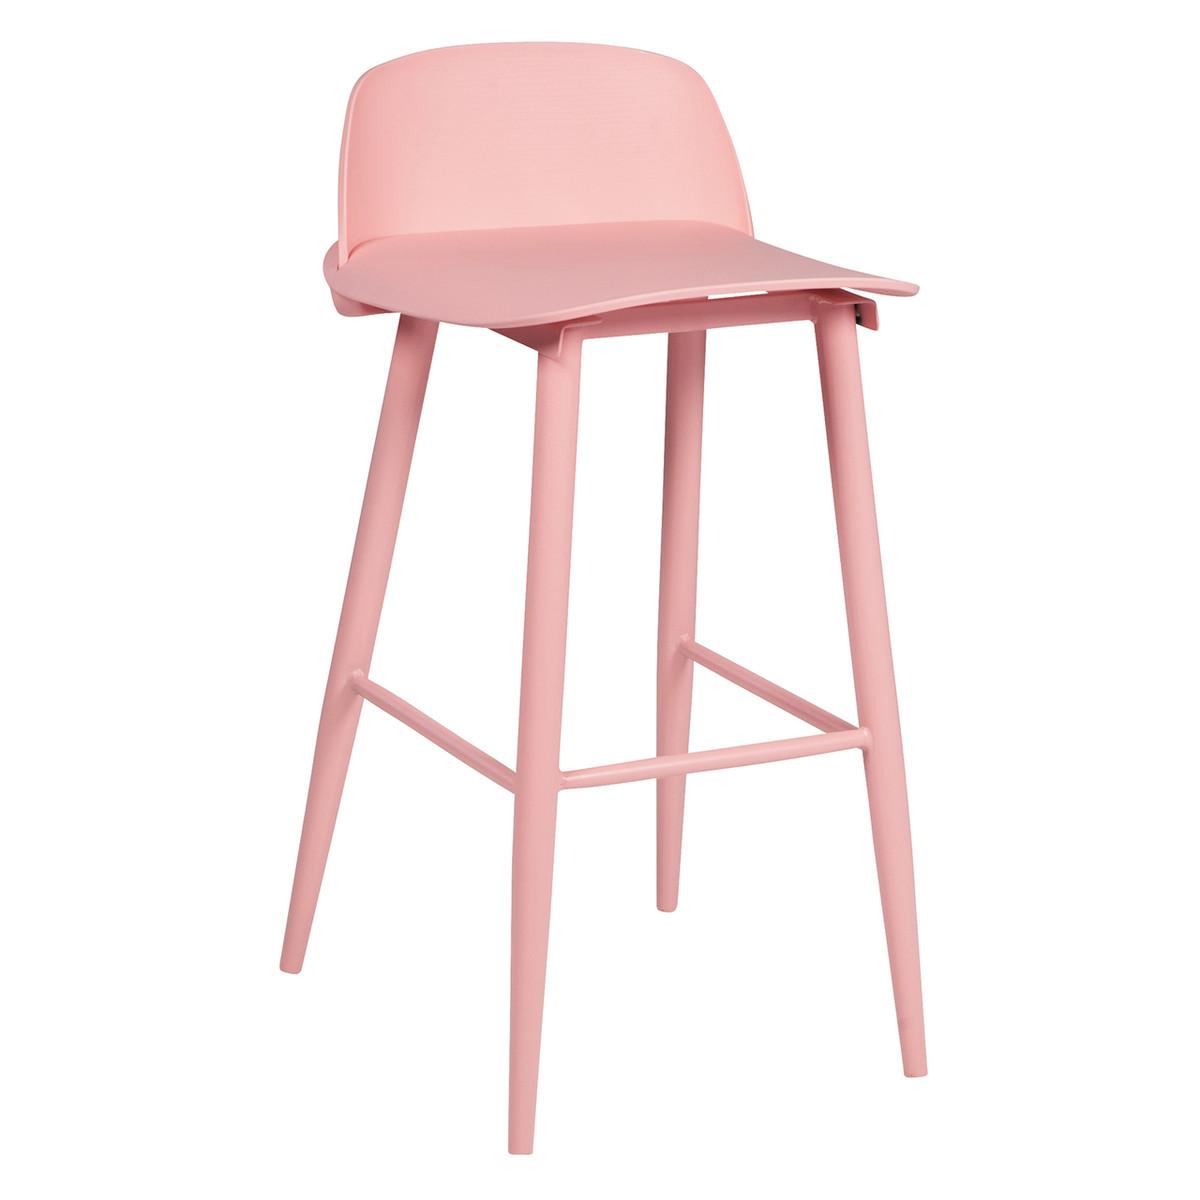 Replica NoHo Bar Stool, Pink